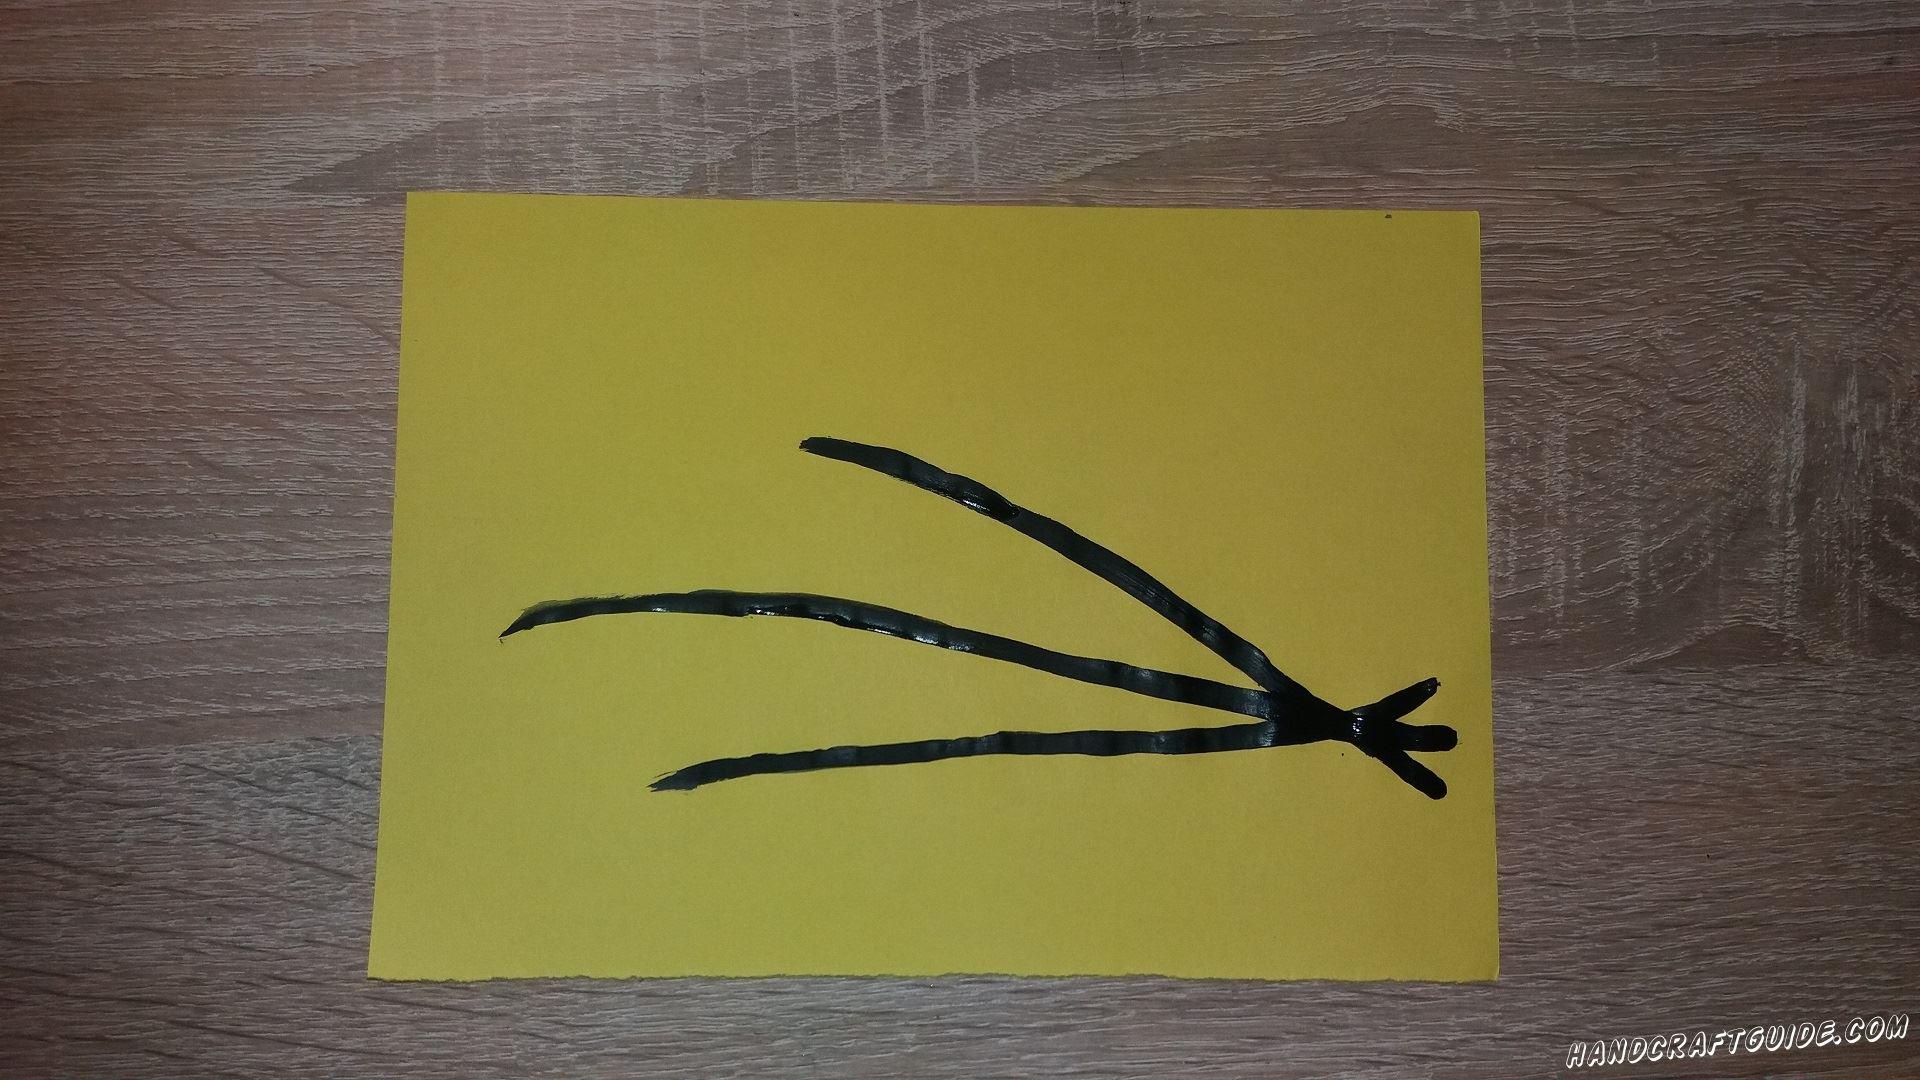 Берем чёрную краску и рисуем 3 веточки на желтом листе бумаги.